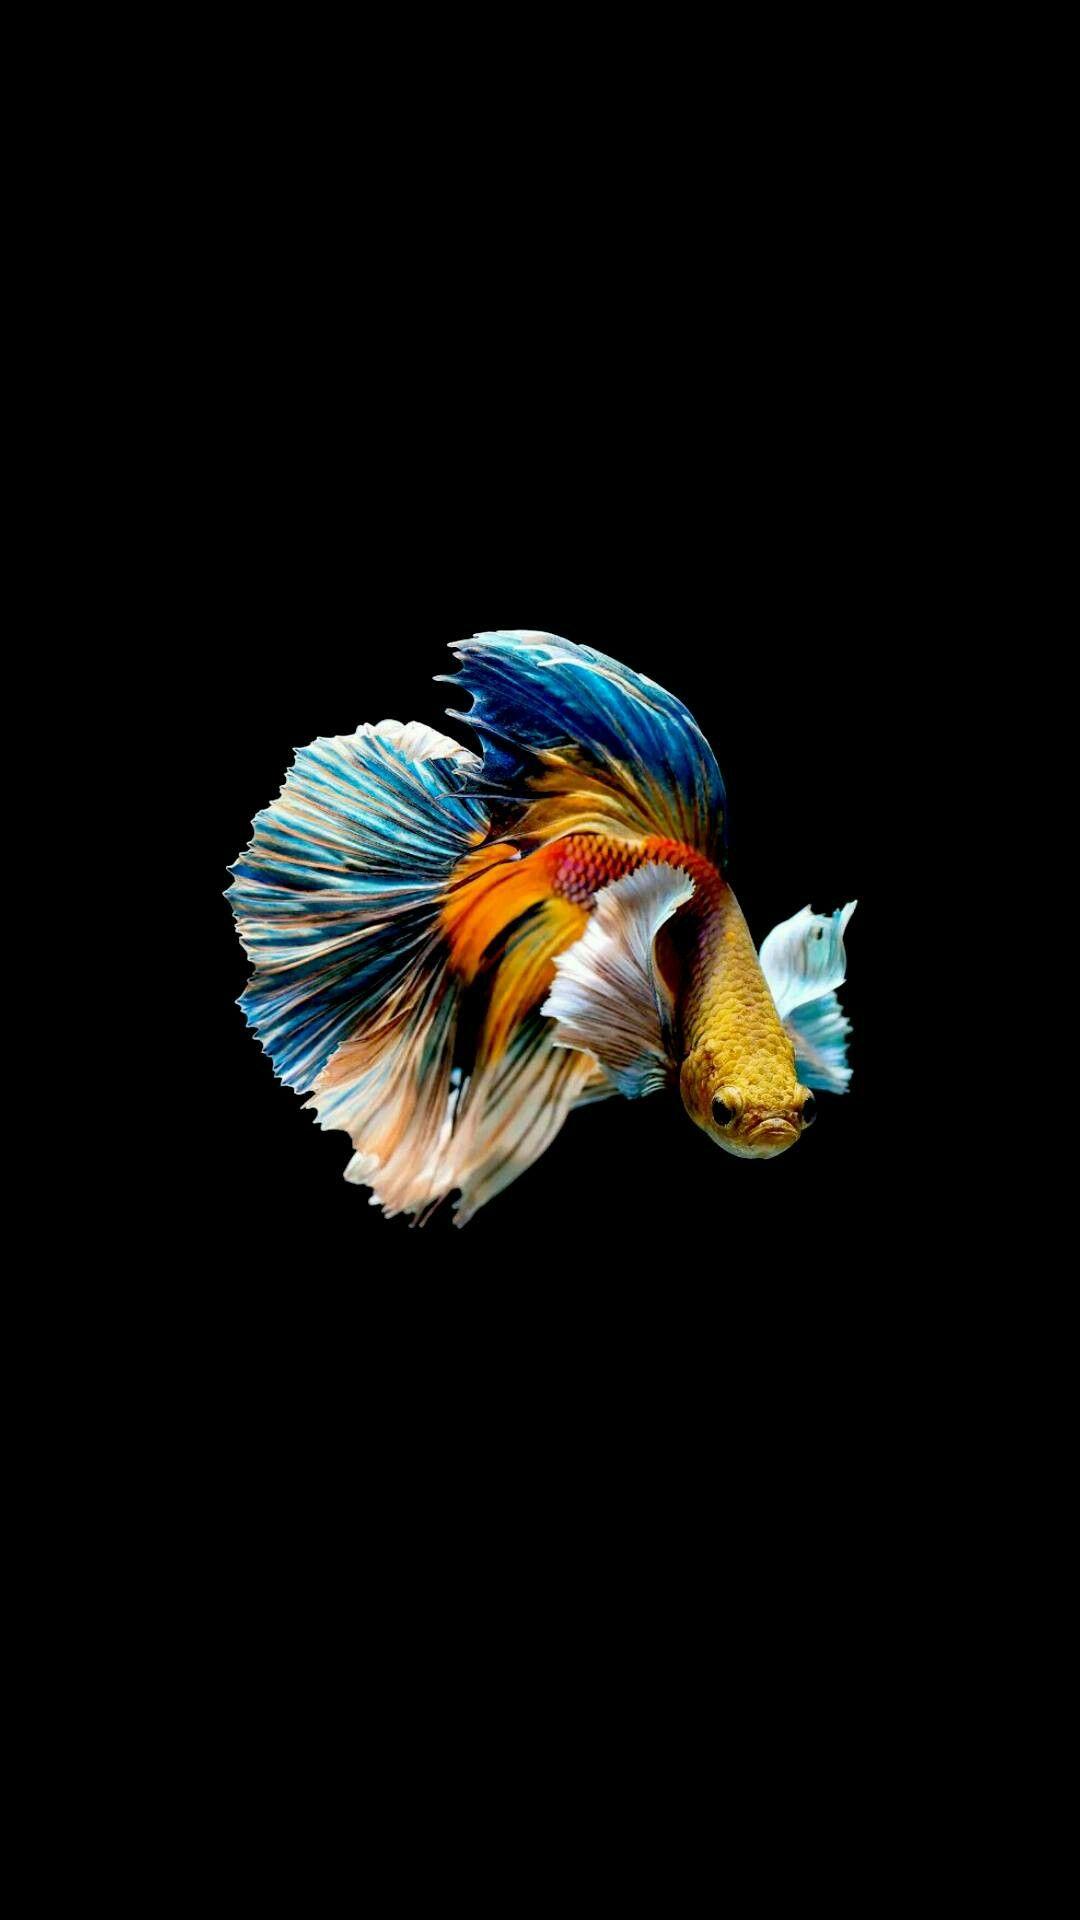 Colorful Betta fish   Fishes   Betta Fish, Aquarium Fish, Fish